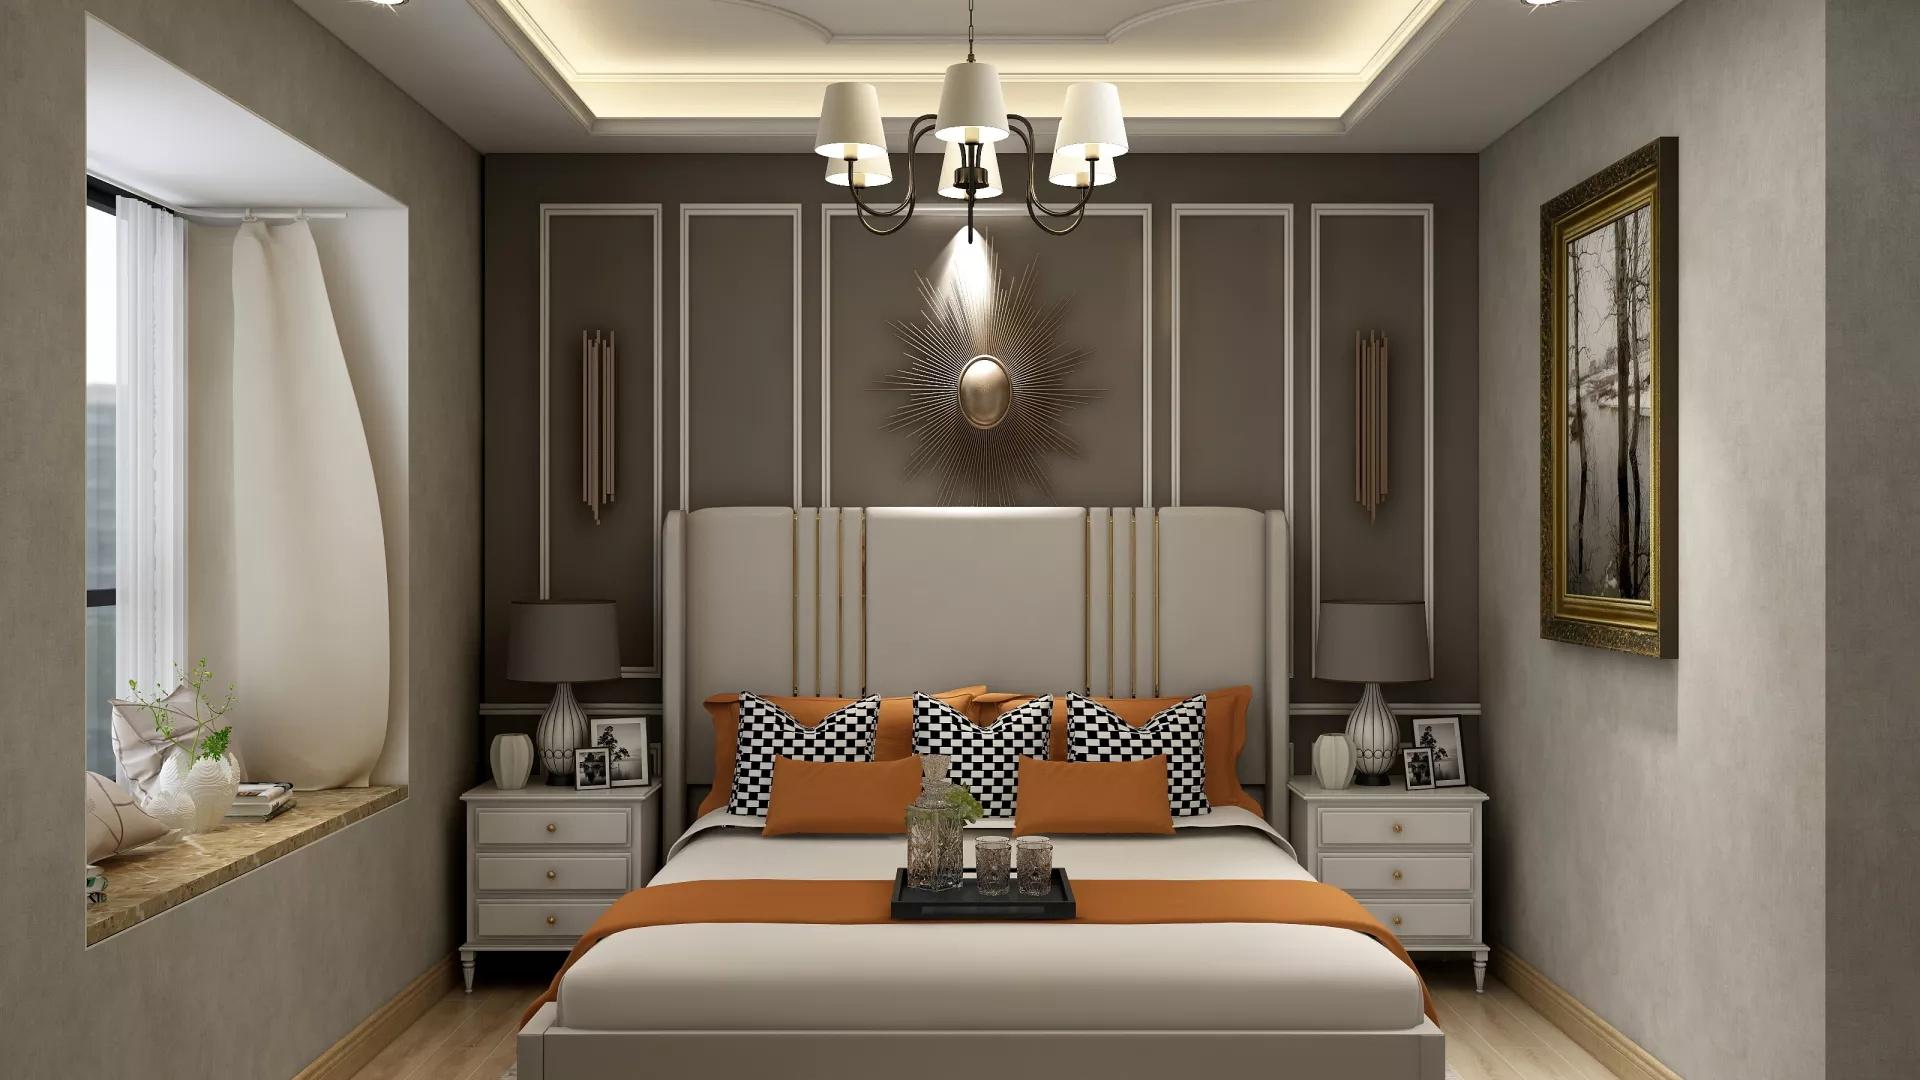 简约风格:至尚至美简约客厅装修效果图